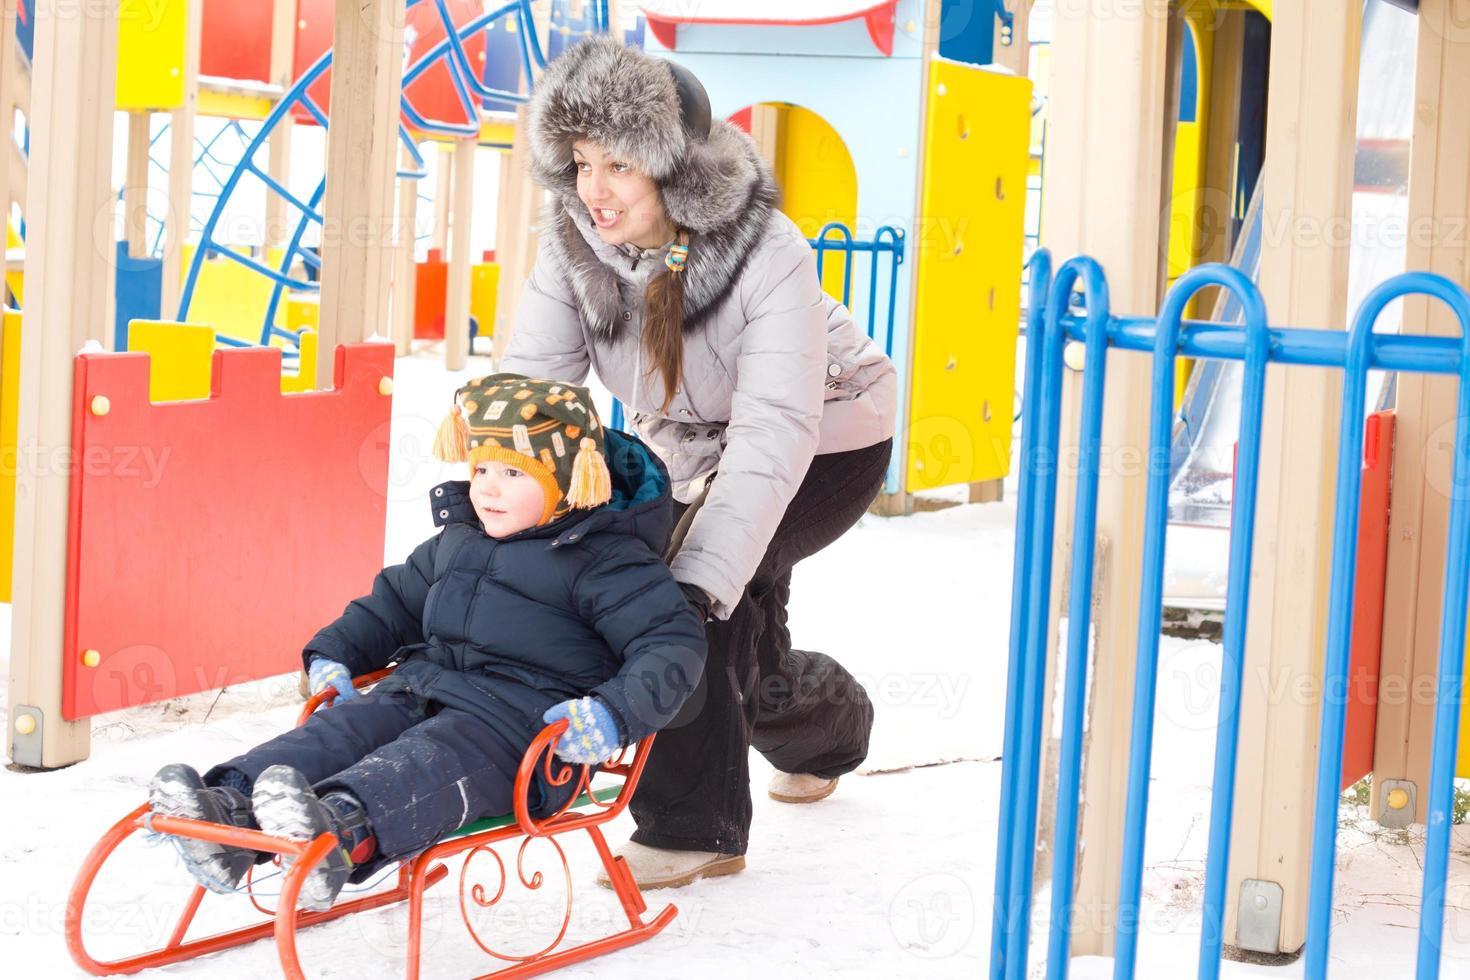 madre empujando a su hijo en un trineo de invierno foto